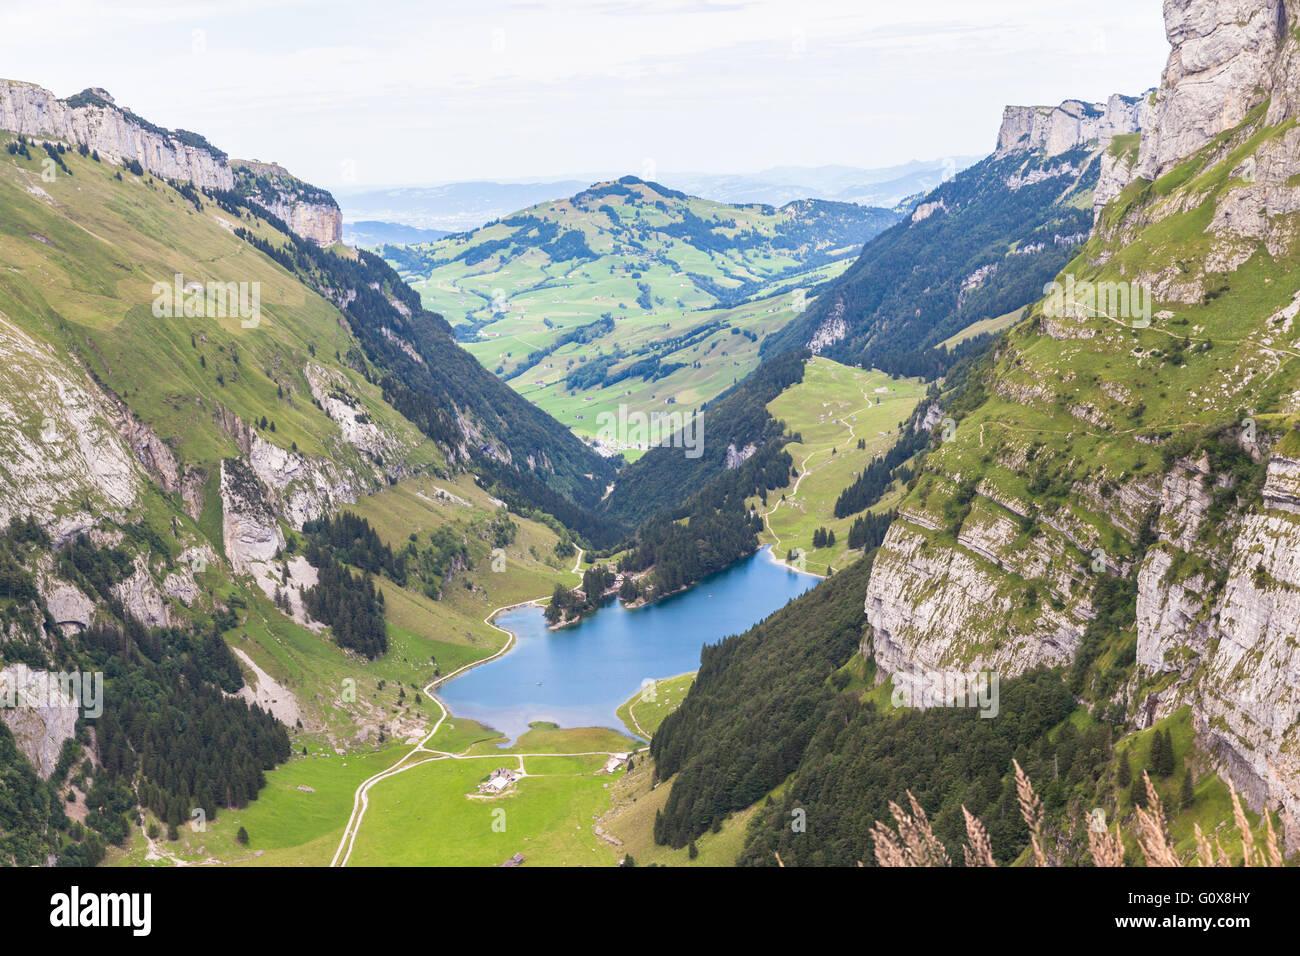 Luftaufnahme der Seealpsee (See) auf dem Alpstein-Berg in der Schweiz Stockbild